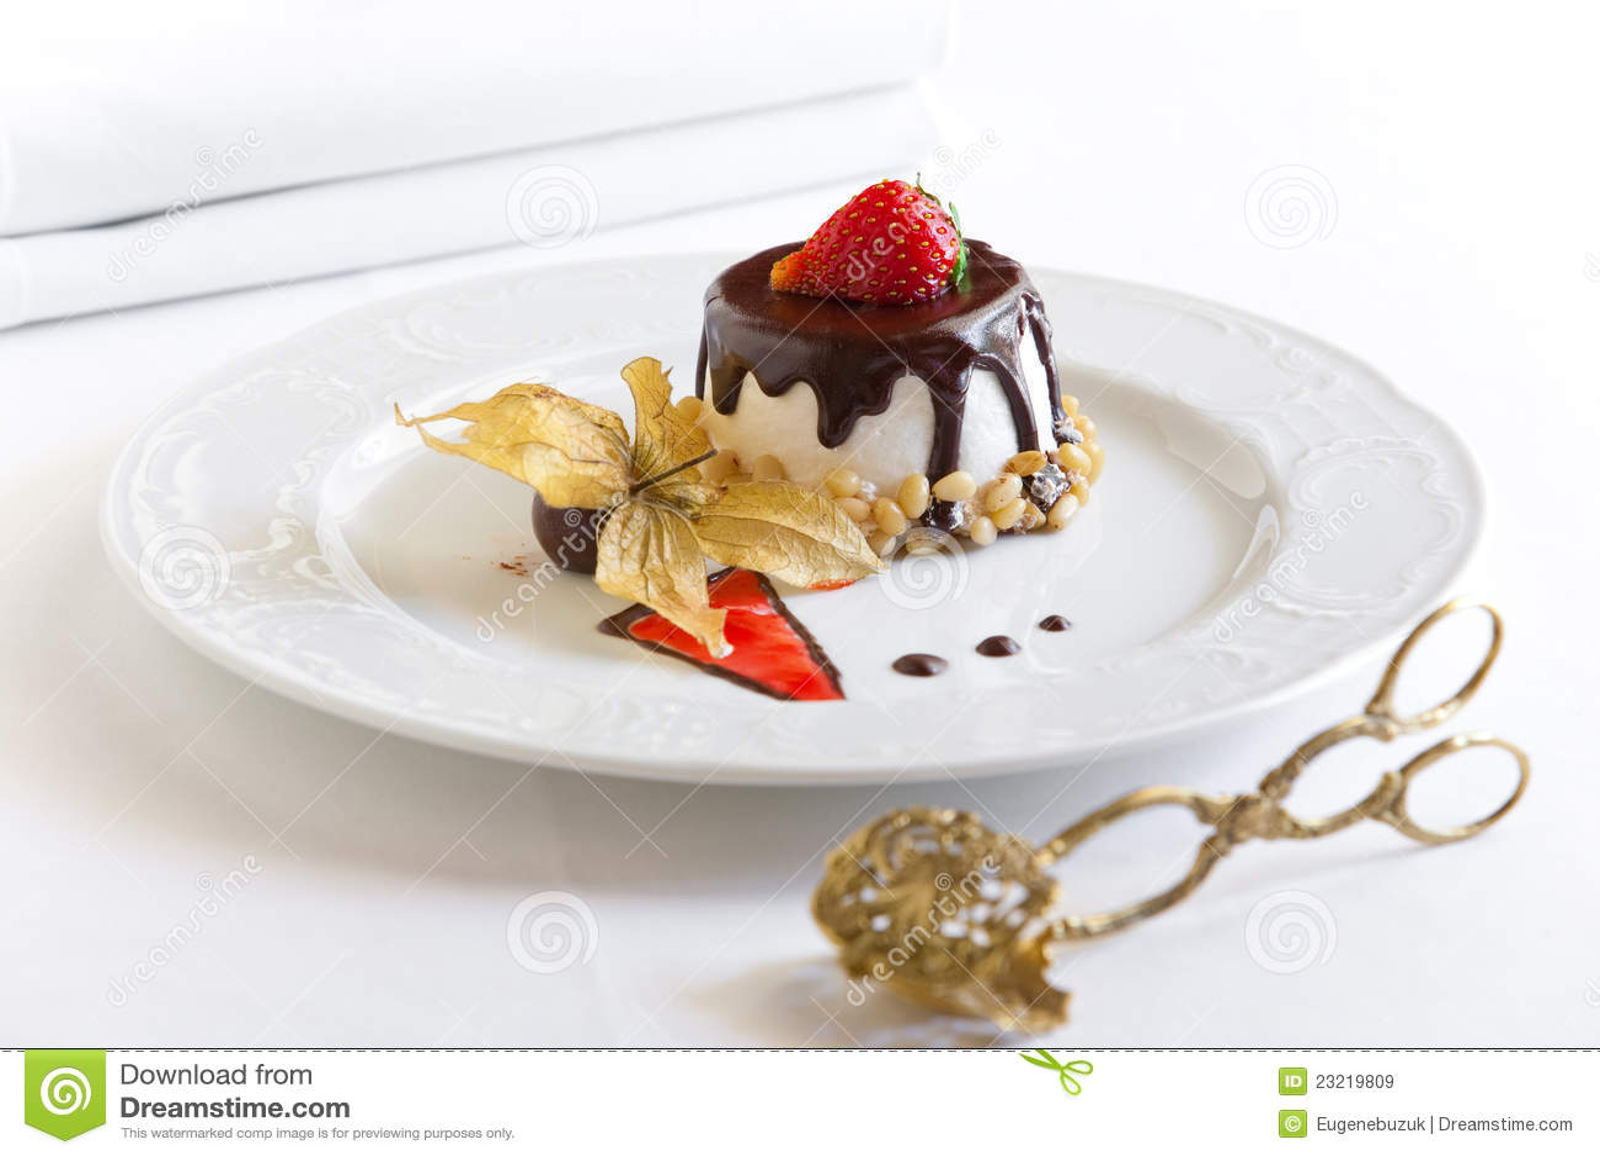 dessert avec du chocolat images libres de droits image 23219809